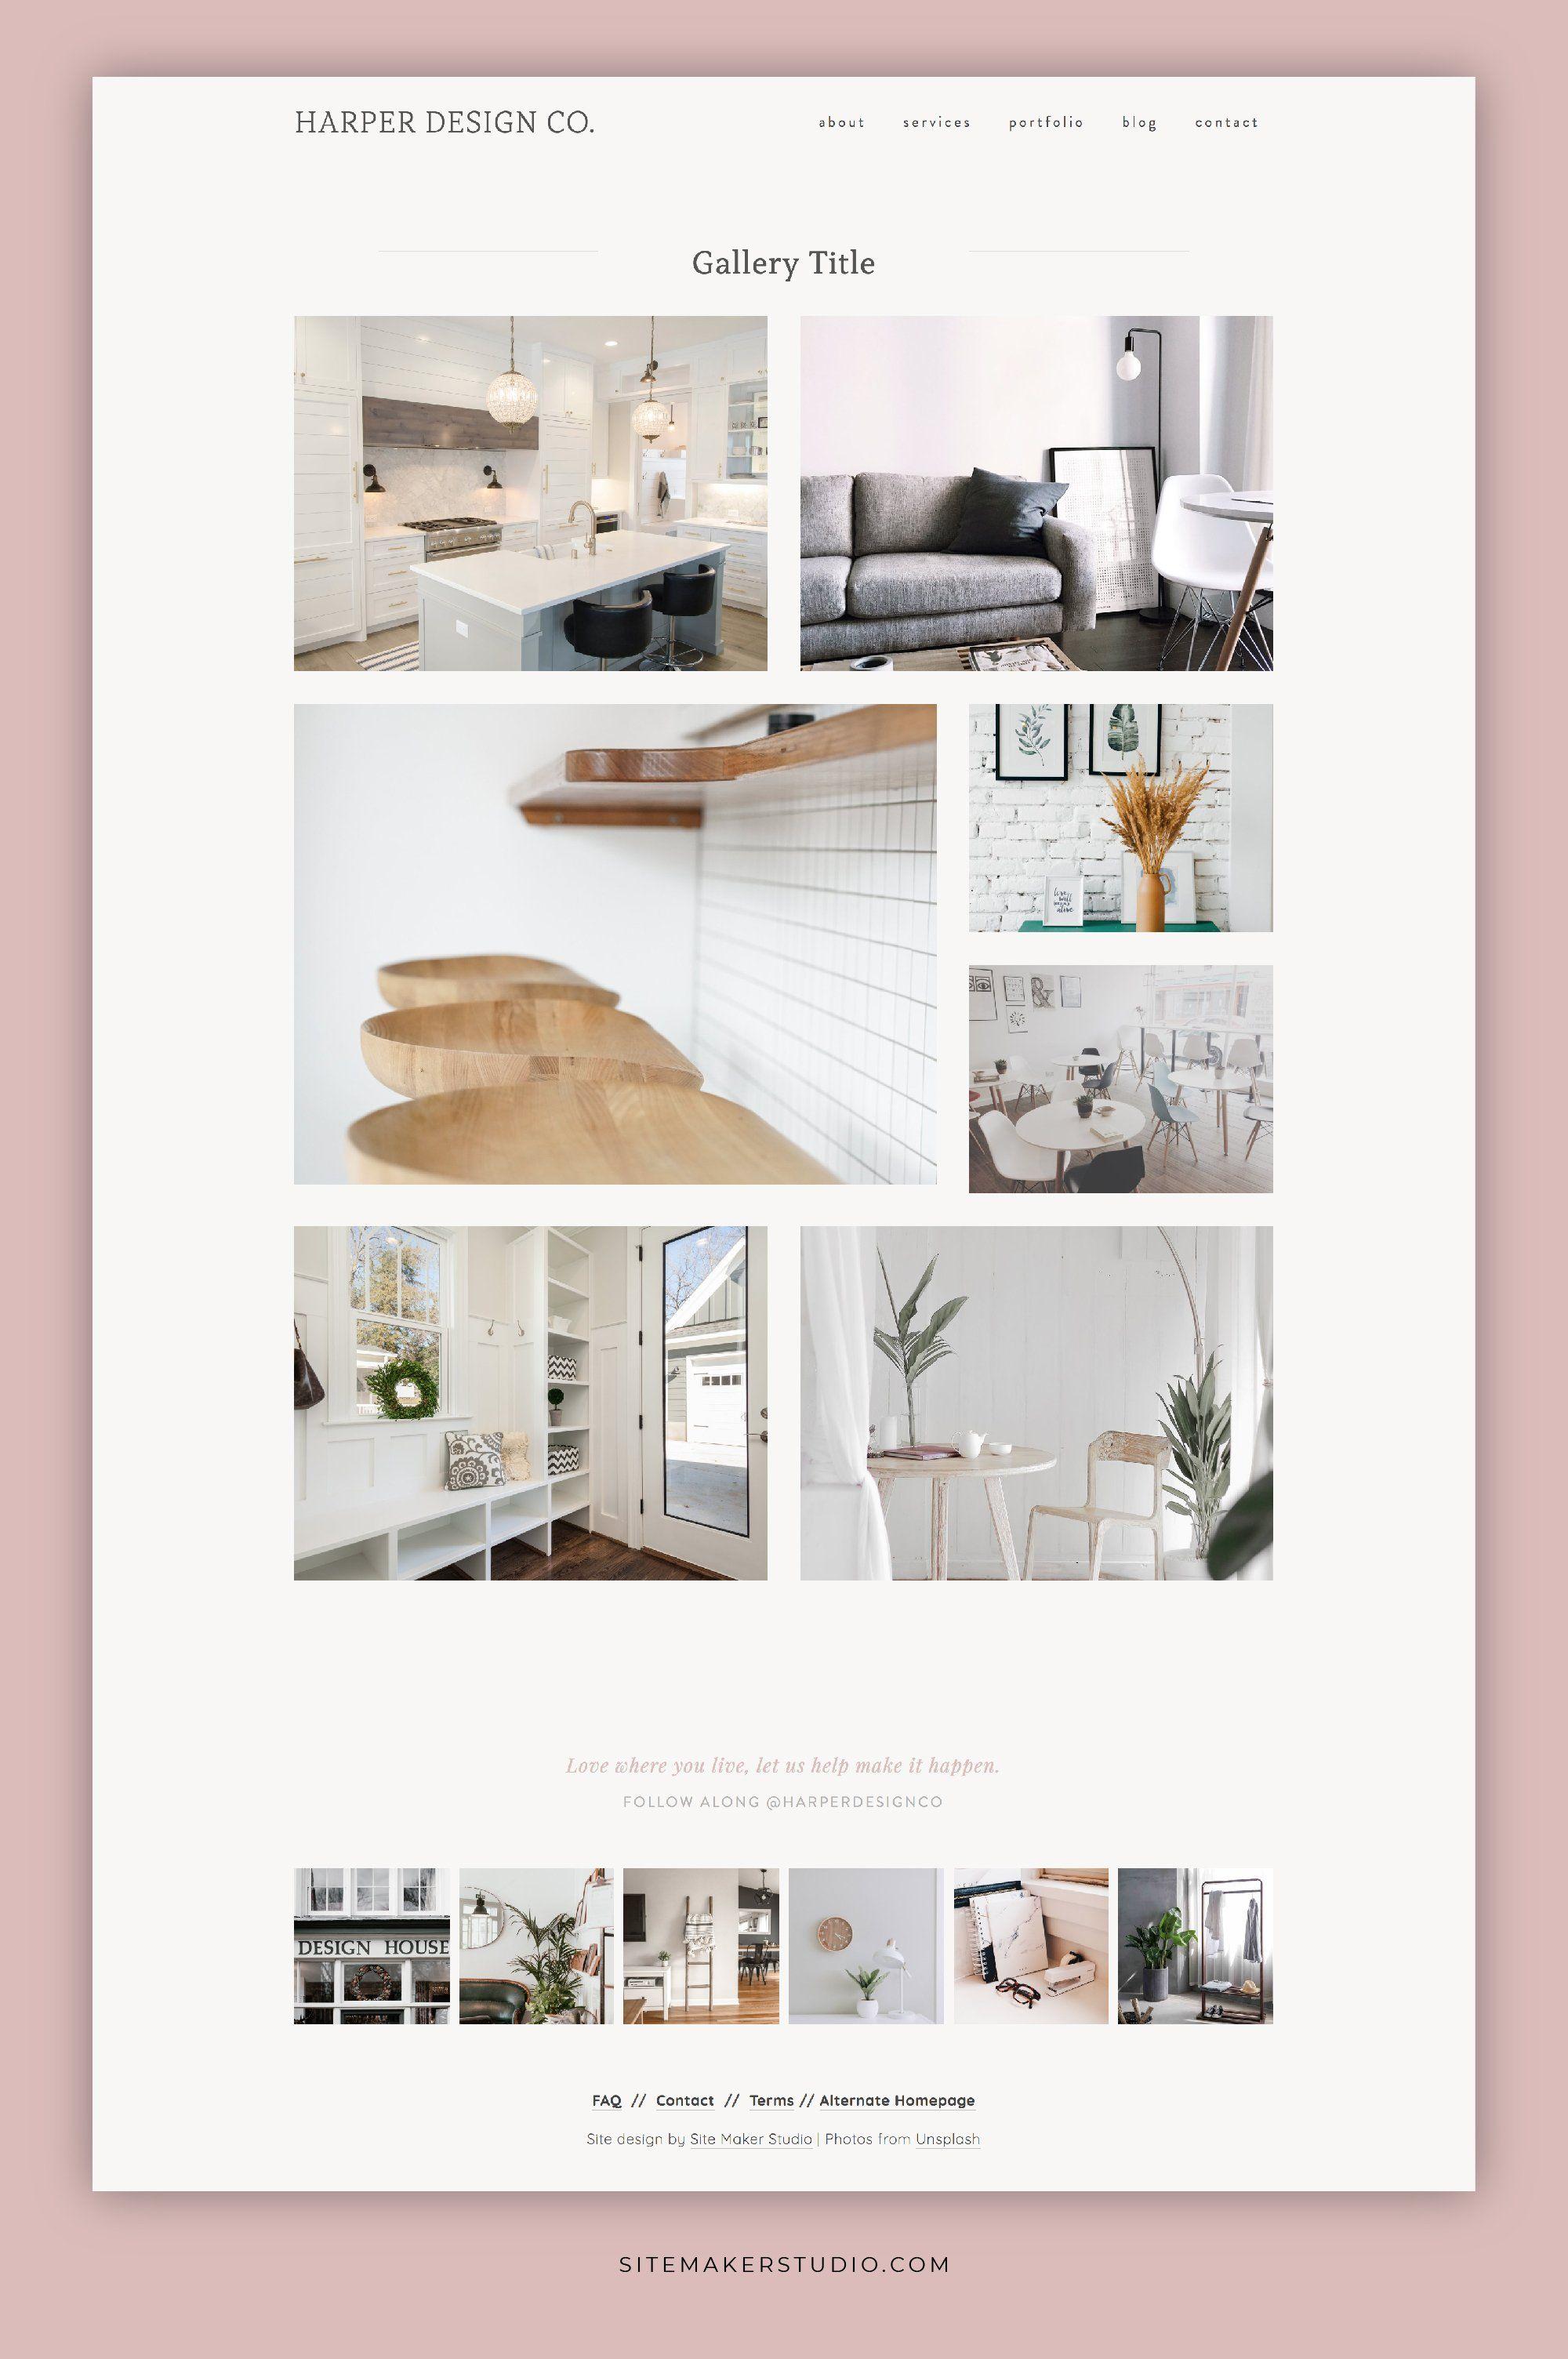 Harper Design Co Interior Design Website Interior Design